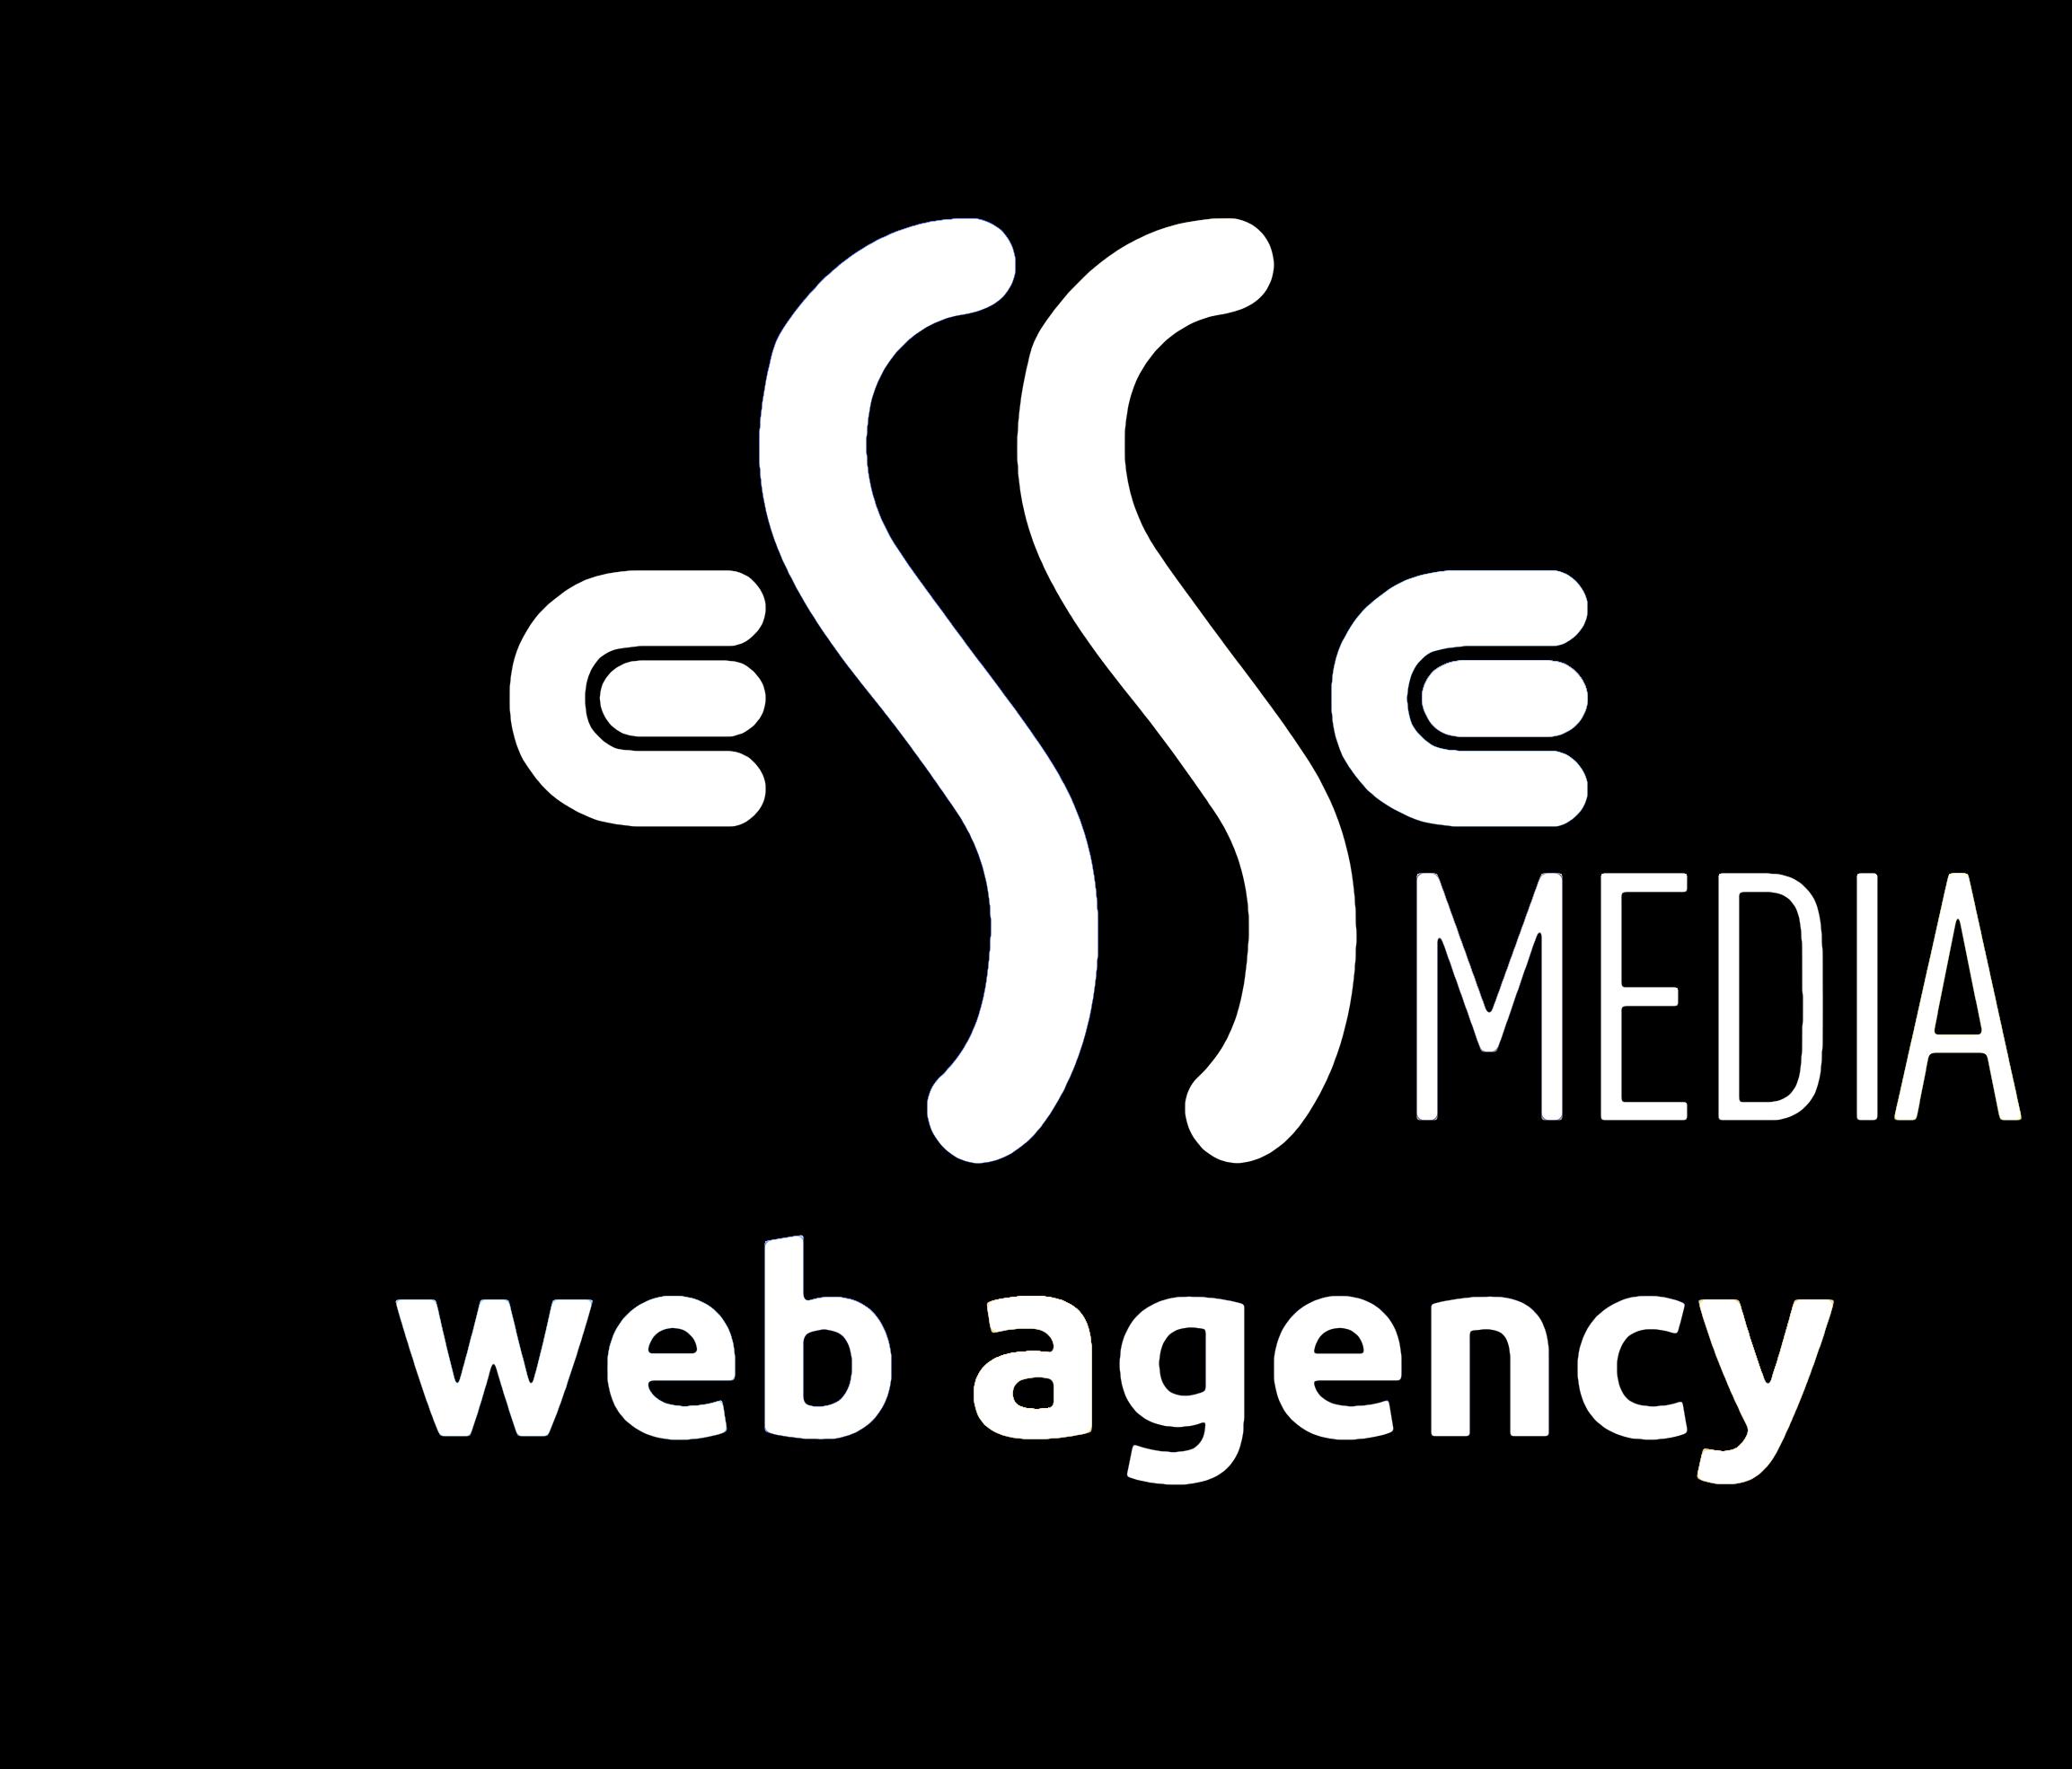 web agency_3